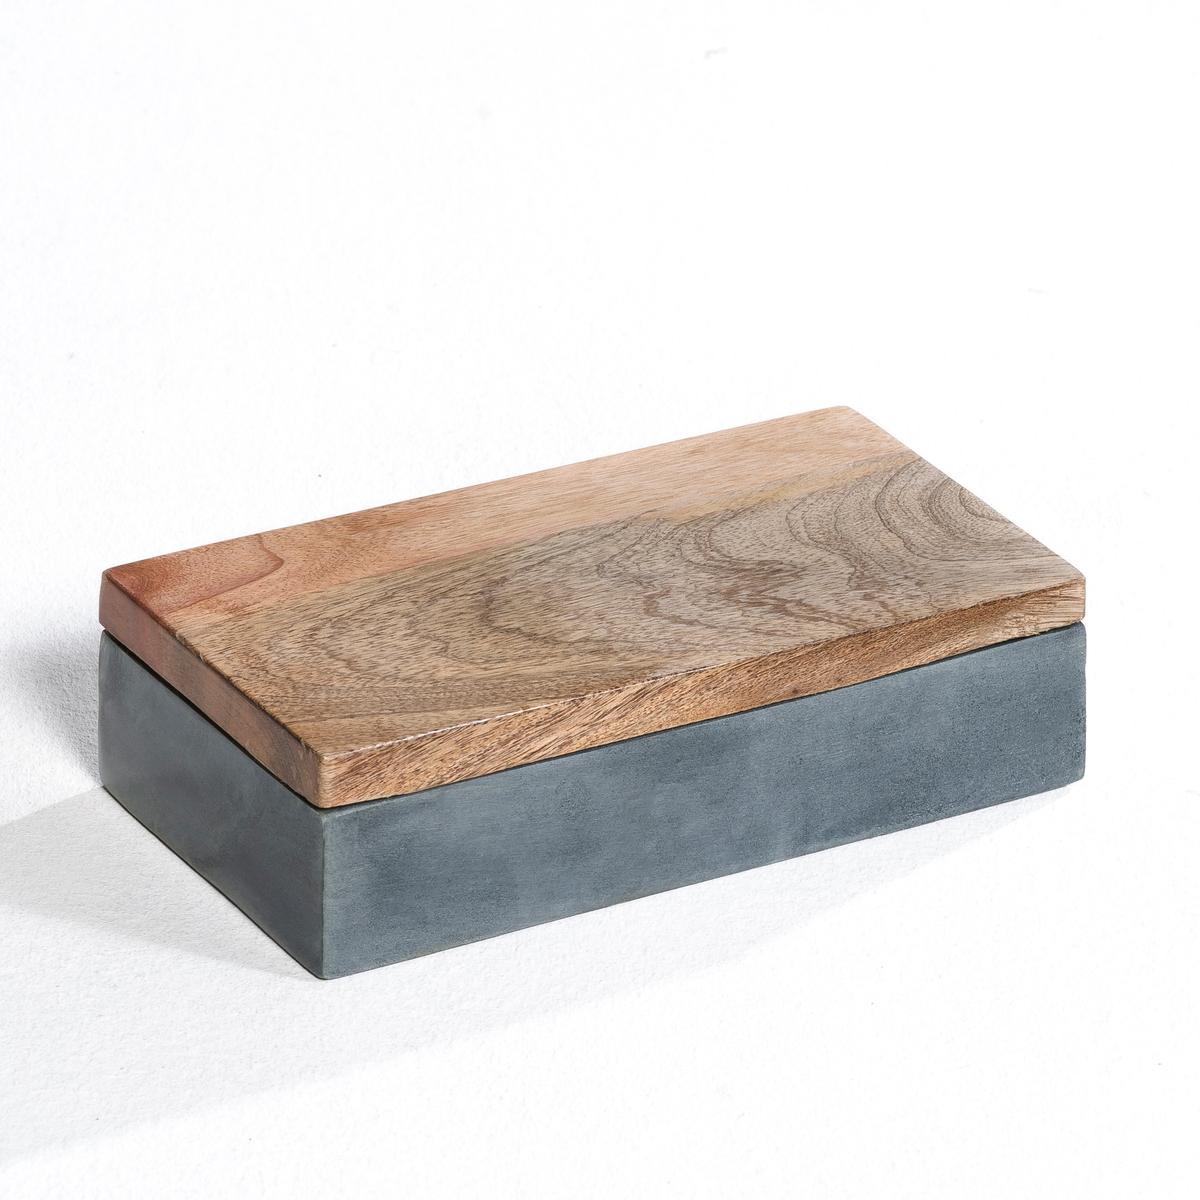 Коробка с крышкой из сапонита, IngmarКоробка с крышкой из сапонита, Ingmar. Подходит для хранения письменных принадлежностей в кабинете или ключей и прочих мелочей в прихожей. Характеристики: - Выполнен из сапонита: камень с жирной и чуть мыльной на ощупь поверхностью.- Крышка из тонированного мангового дерева с плетеной ручкой.Размеры: - Д. 22 x В. 5 x Г. 22 см.<br><br>Цвет: серый